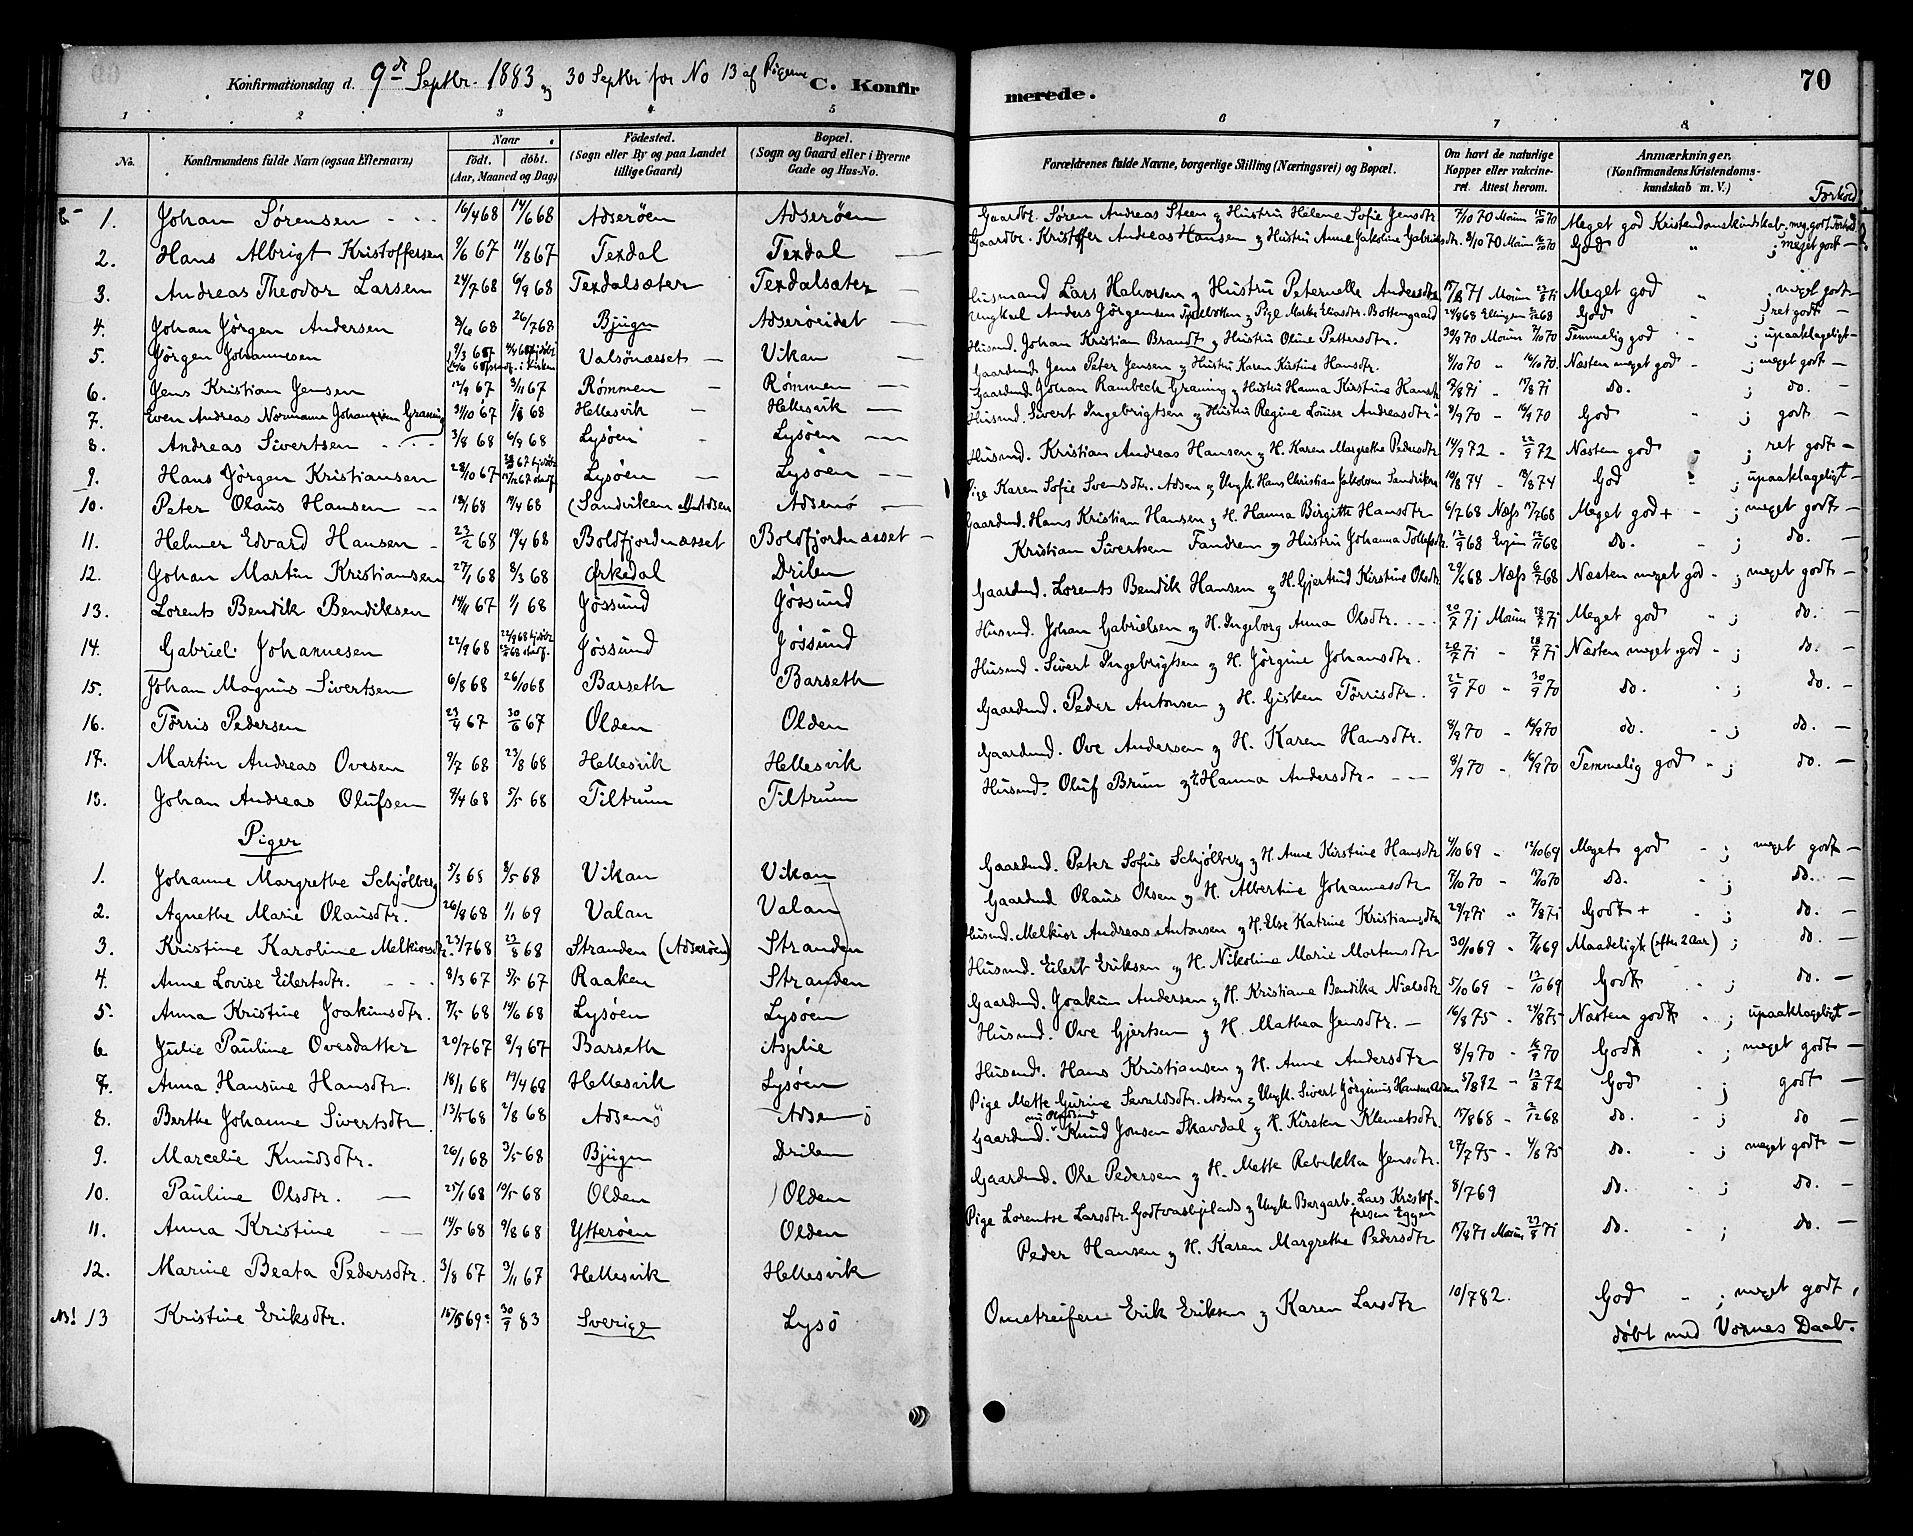 SAT, Ministerialprotokoller, klokkerbøker og fødselsregistre - Sør-Trøndelag, 654/L0663: Ministerialbok nr. 654A01, 1880-1894, s. 70